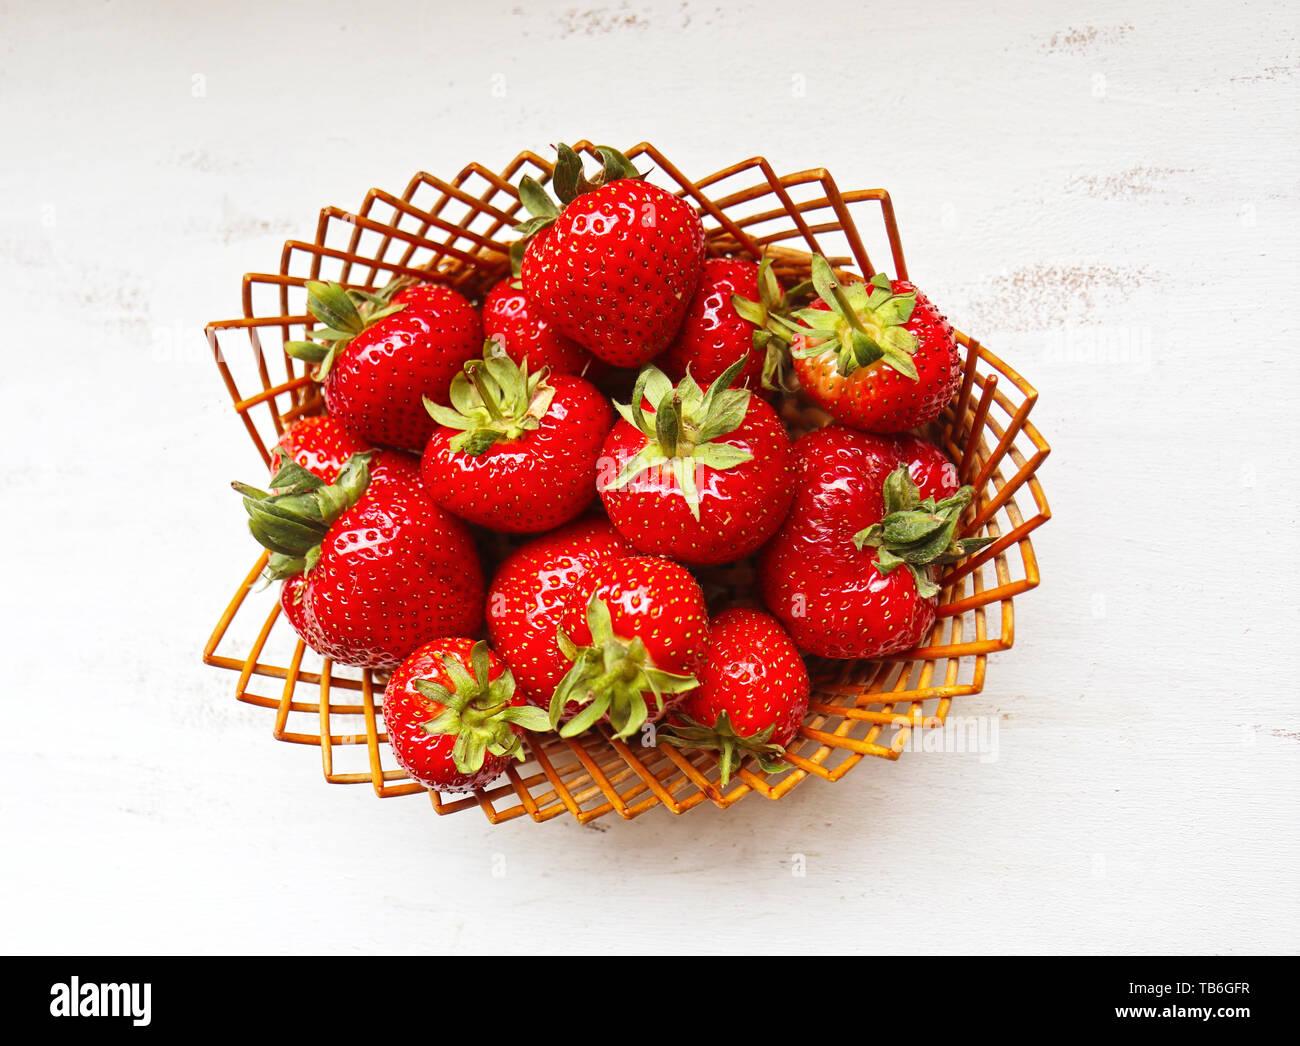 Panier en osier avec des mûres et des fraises rouge Vue de dessus Banque D'Images